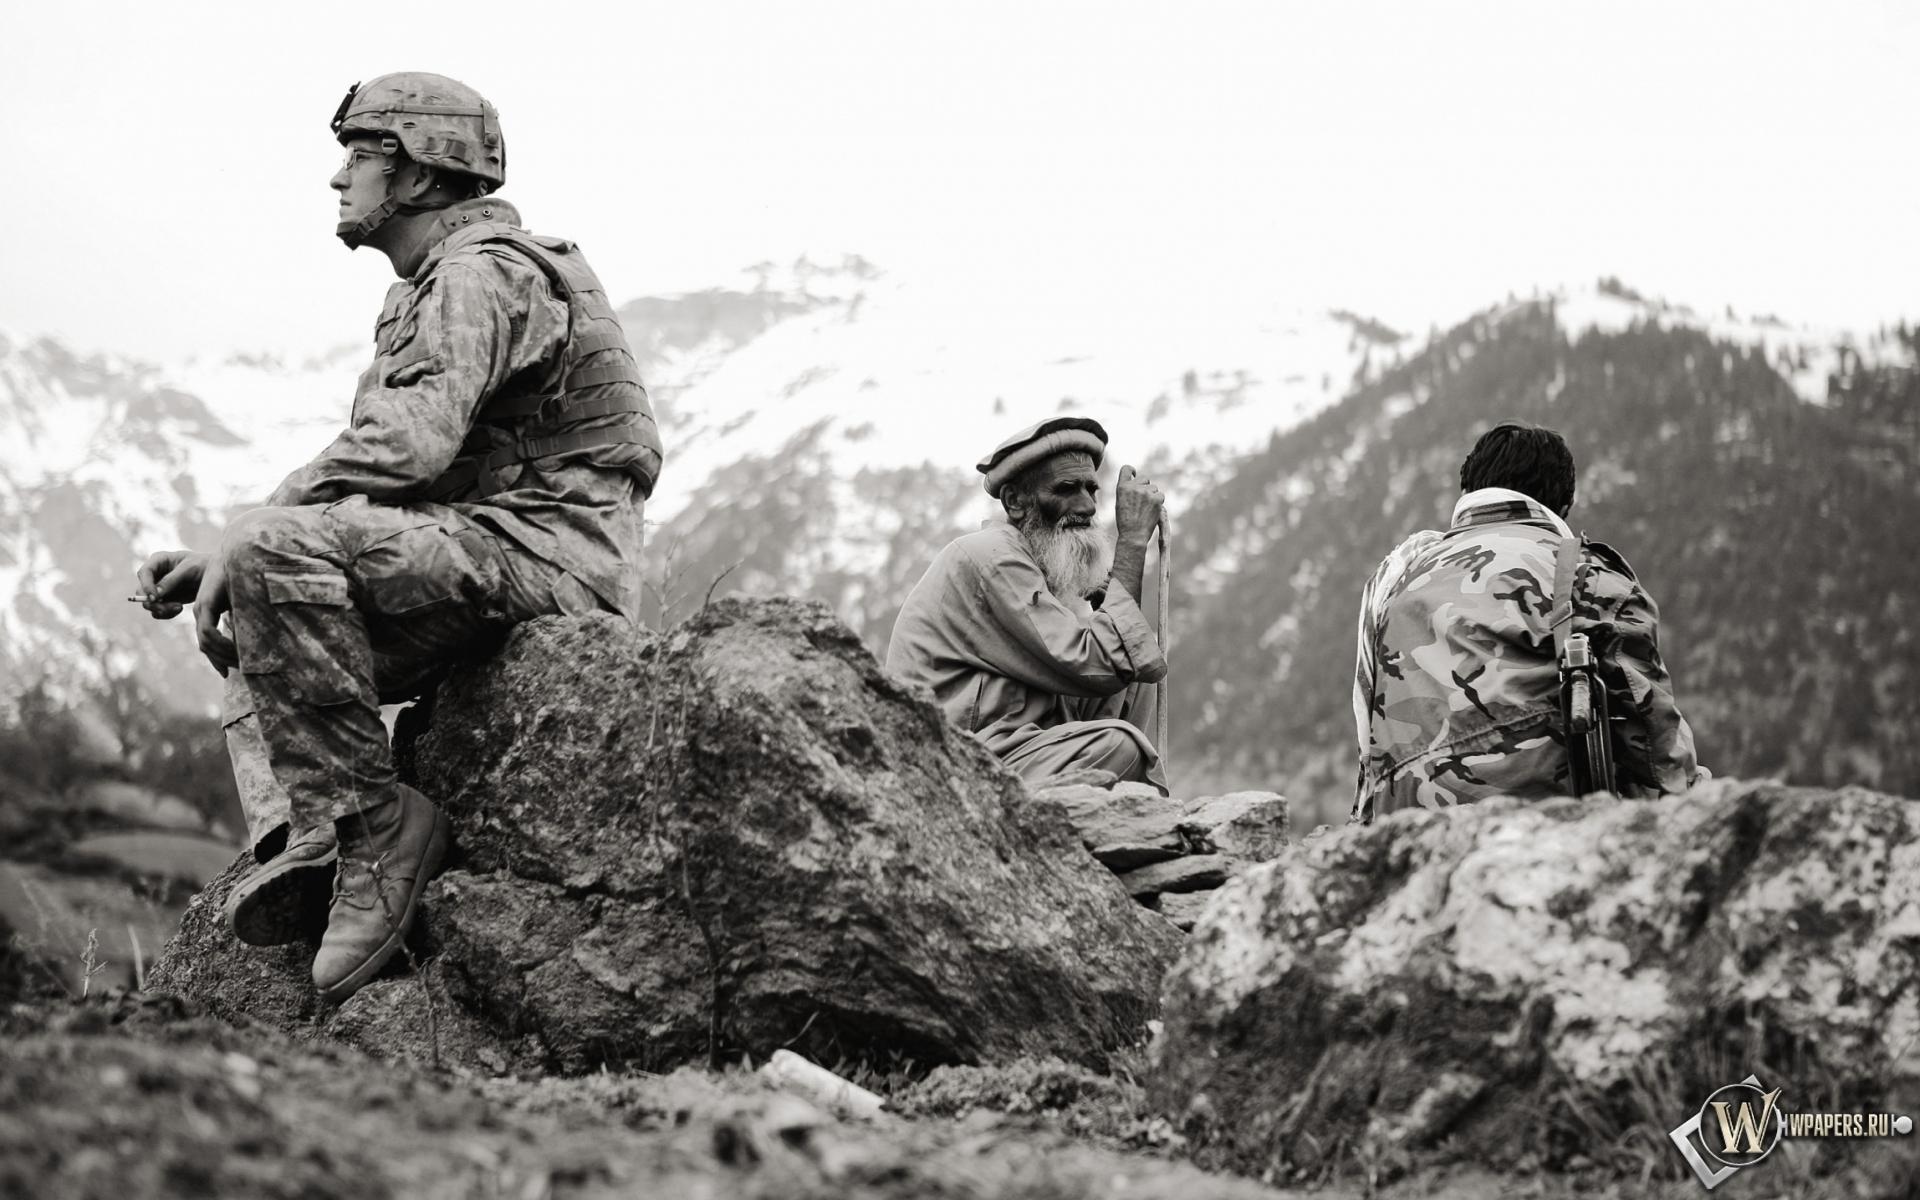 Американец в Афганистане 1920x1200